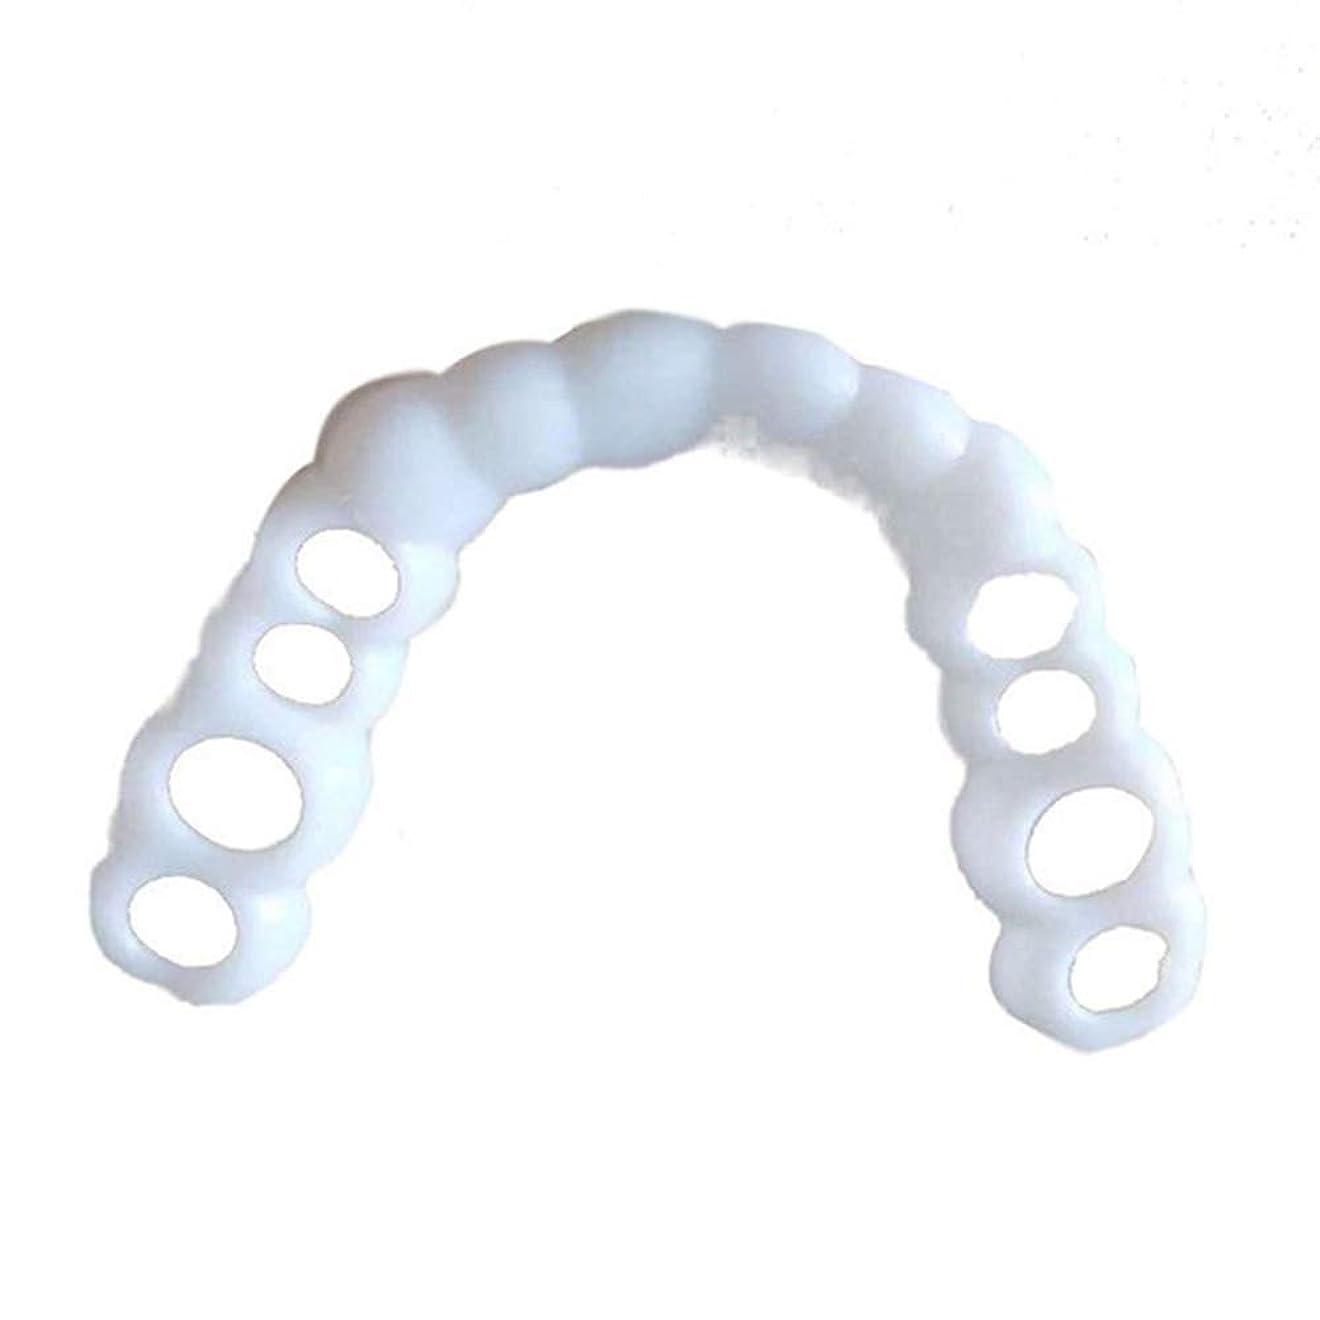 アクティブ肘掛け椅子ぎこちないシリコーンシミュレーション歯ホワイトニングブレース(5個),Lower